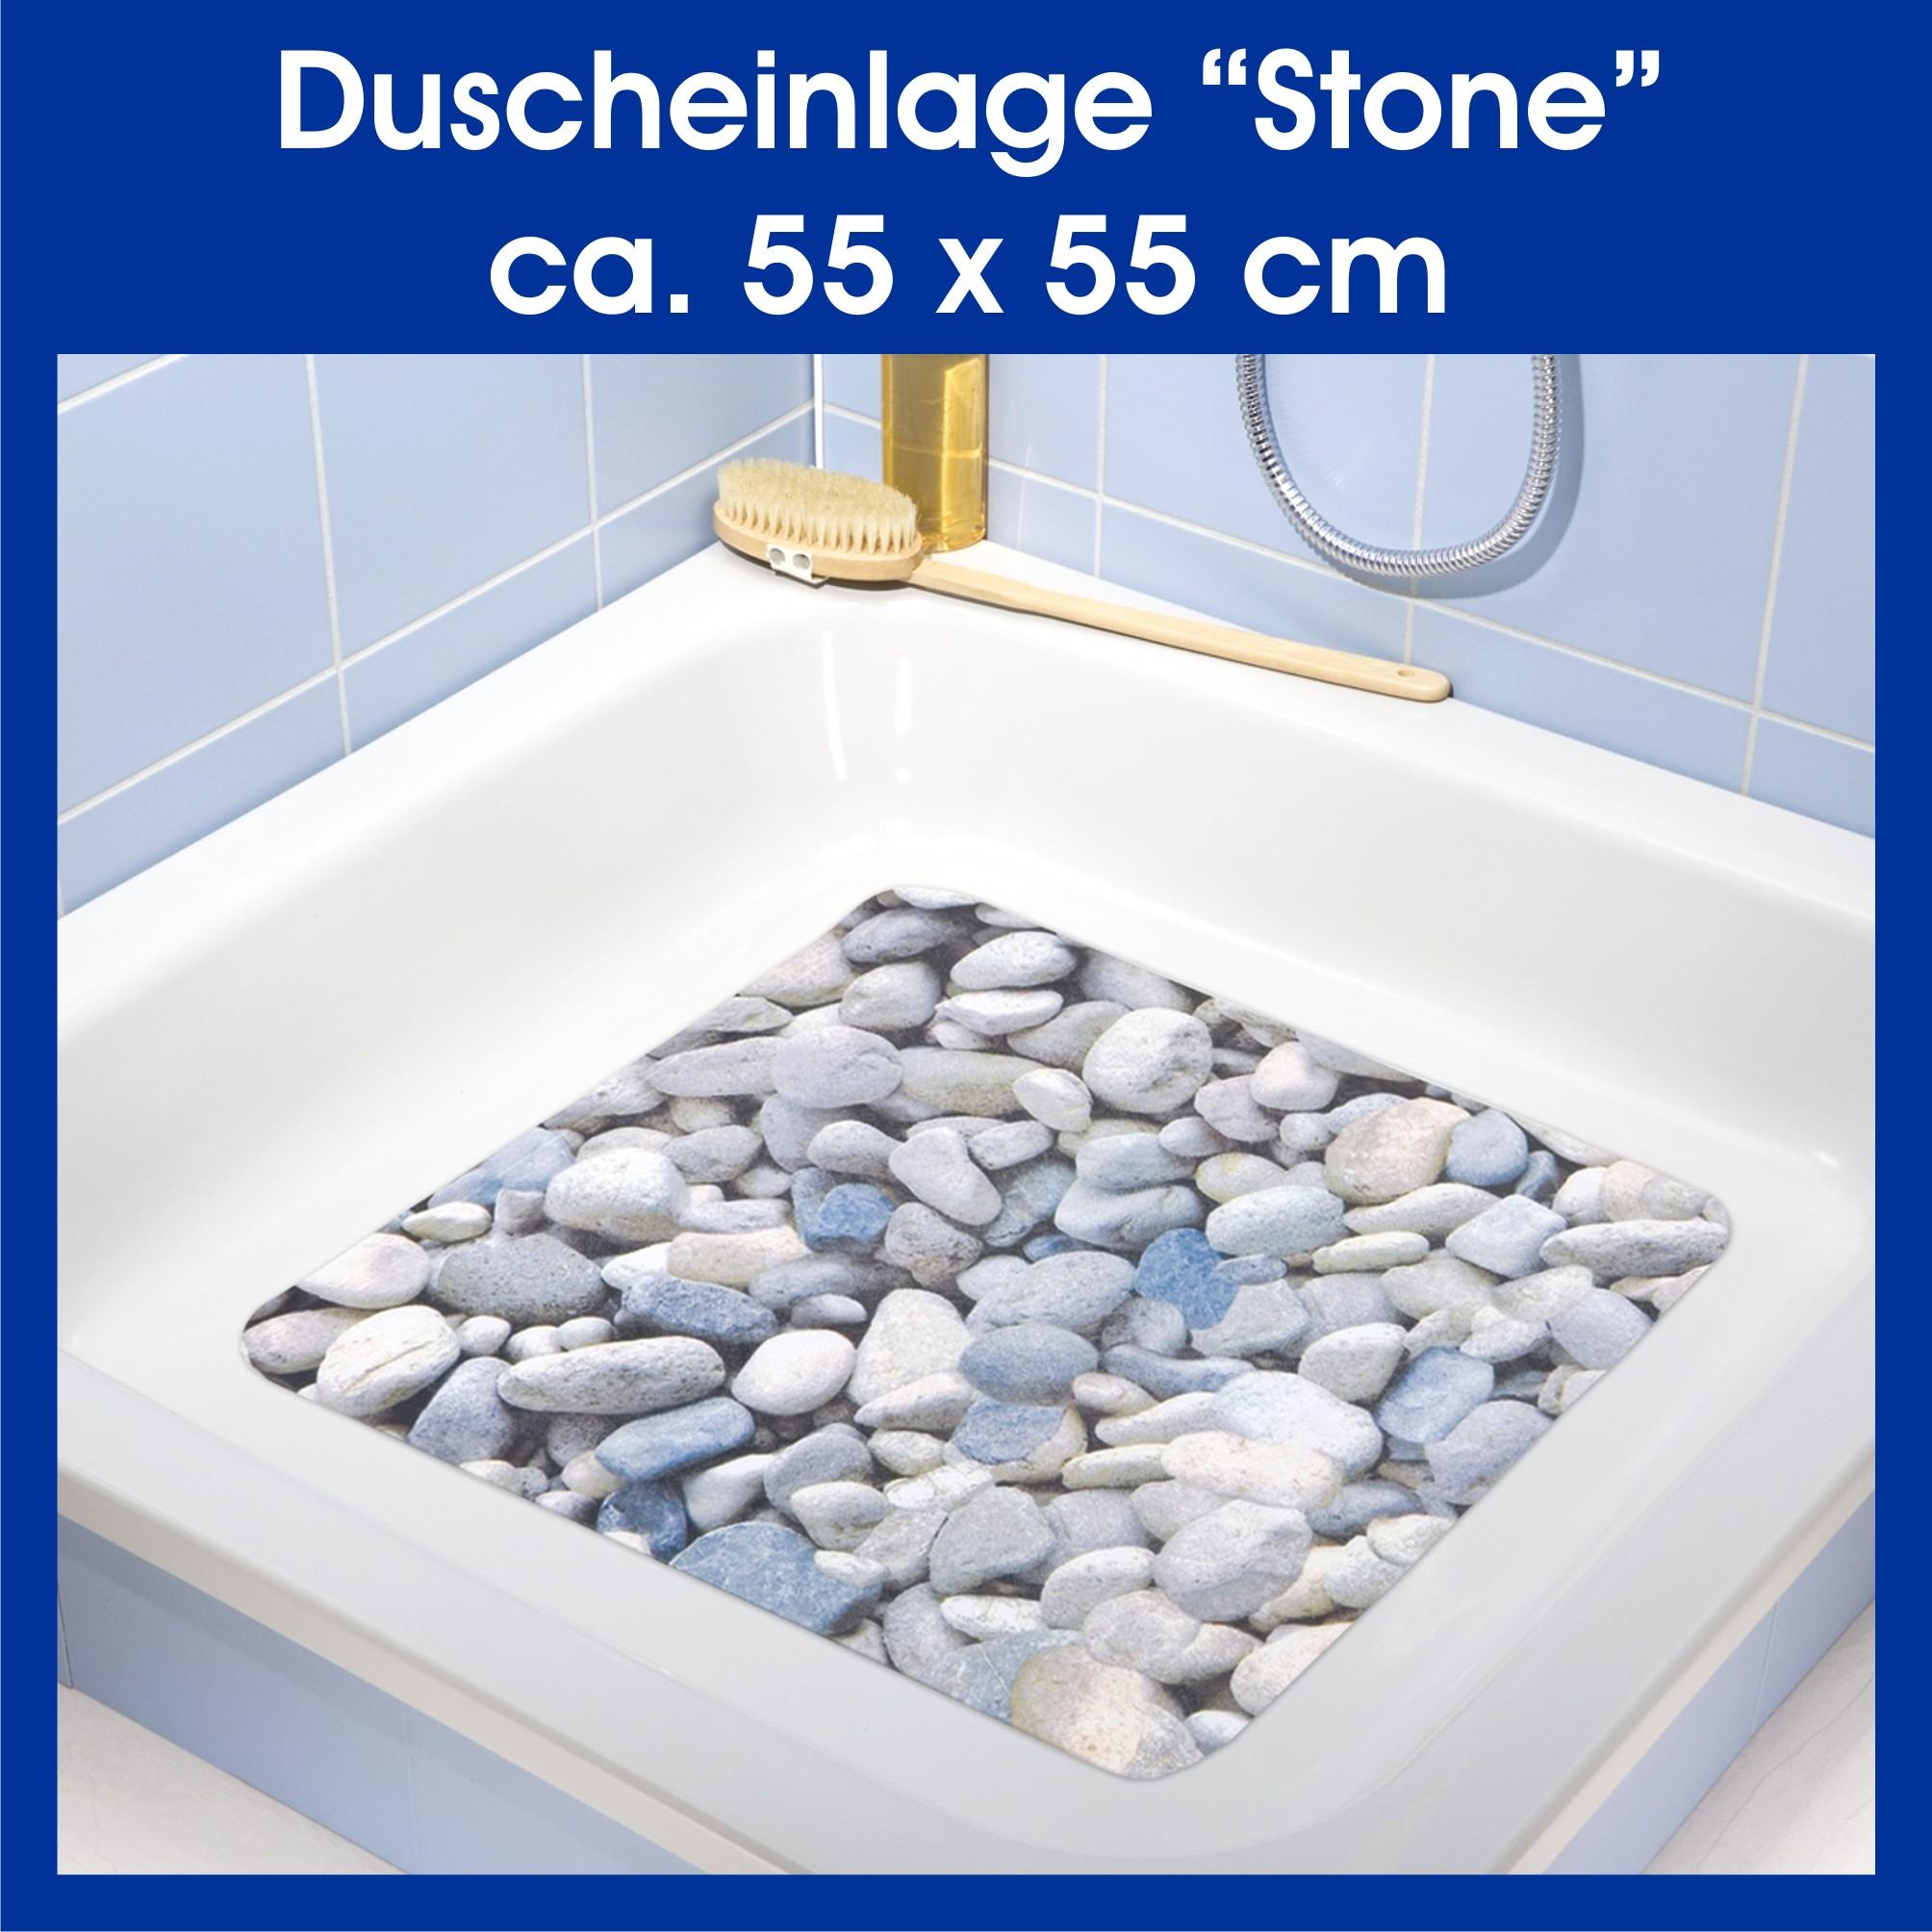 duscheinlage stone dusche matte einlage wanneneinlage. Black Bedroom Furniture Sets. Home Design Ideas